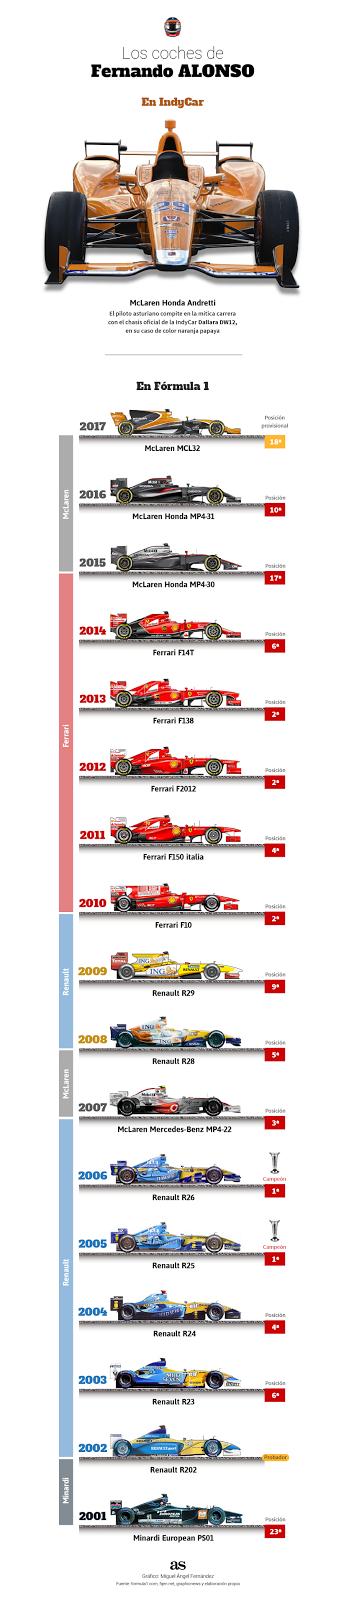 Coches de Fernando Alonso en la Formula 1 F1 IndyCar Fernando Alonso cars in the Formula 1 F1 IndyCar